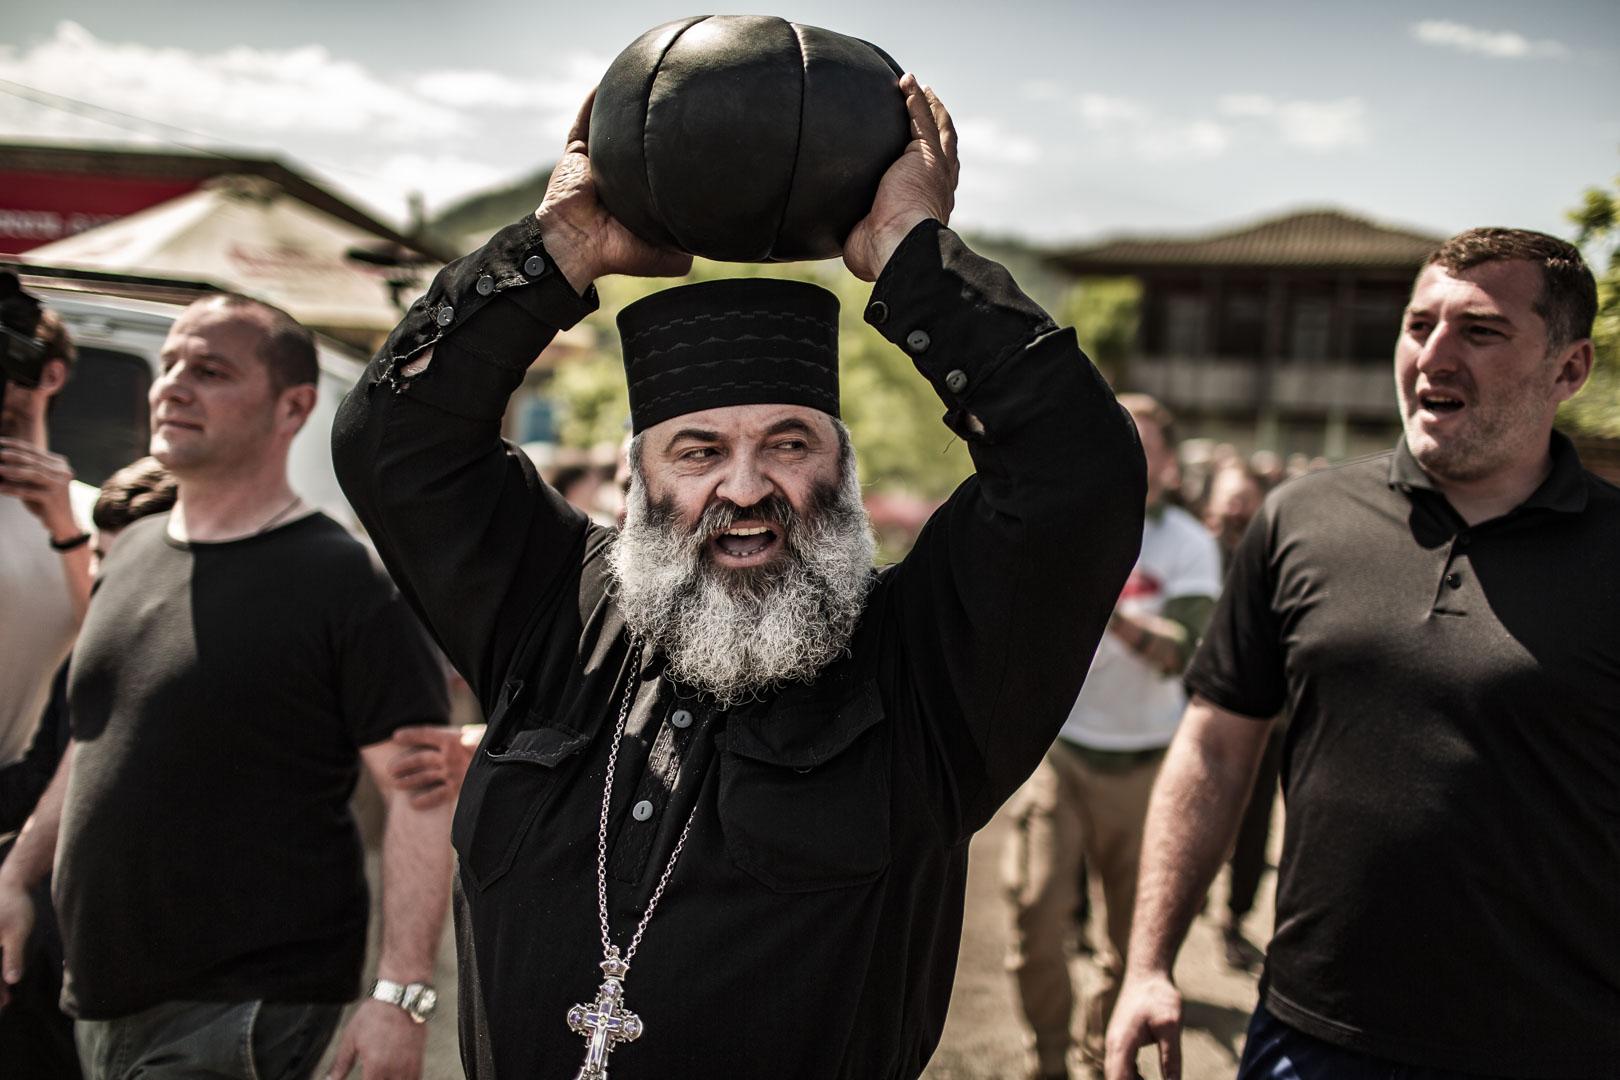 Der örtliche Priester mit Spielball